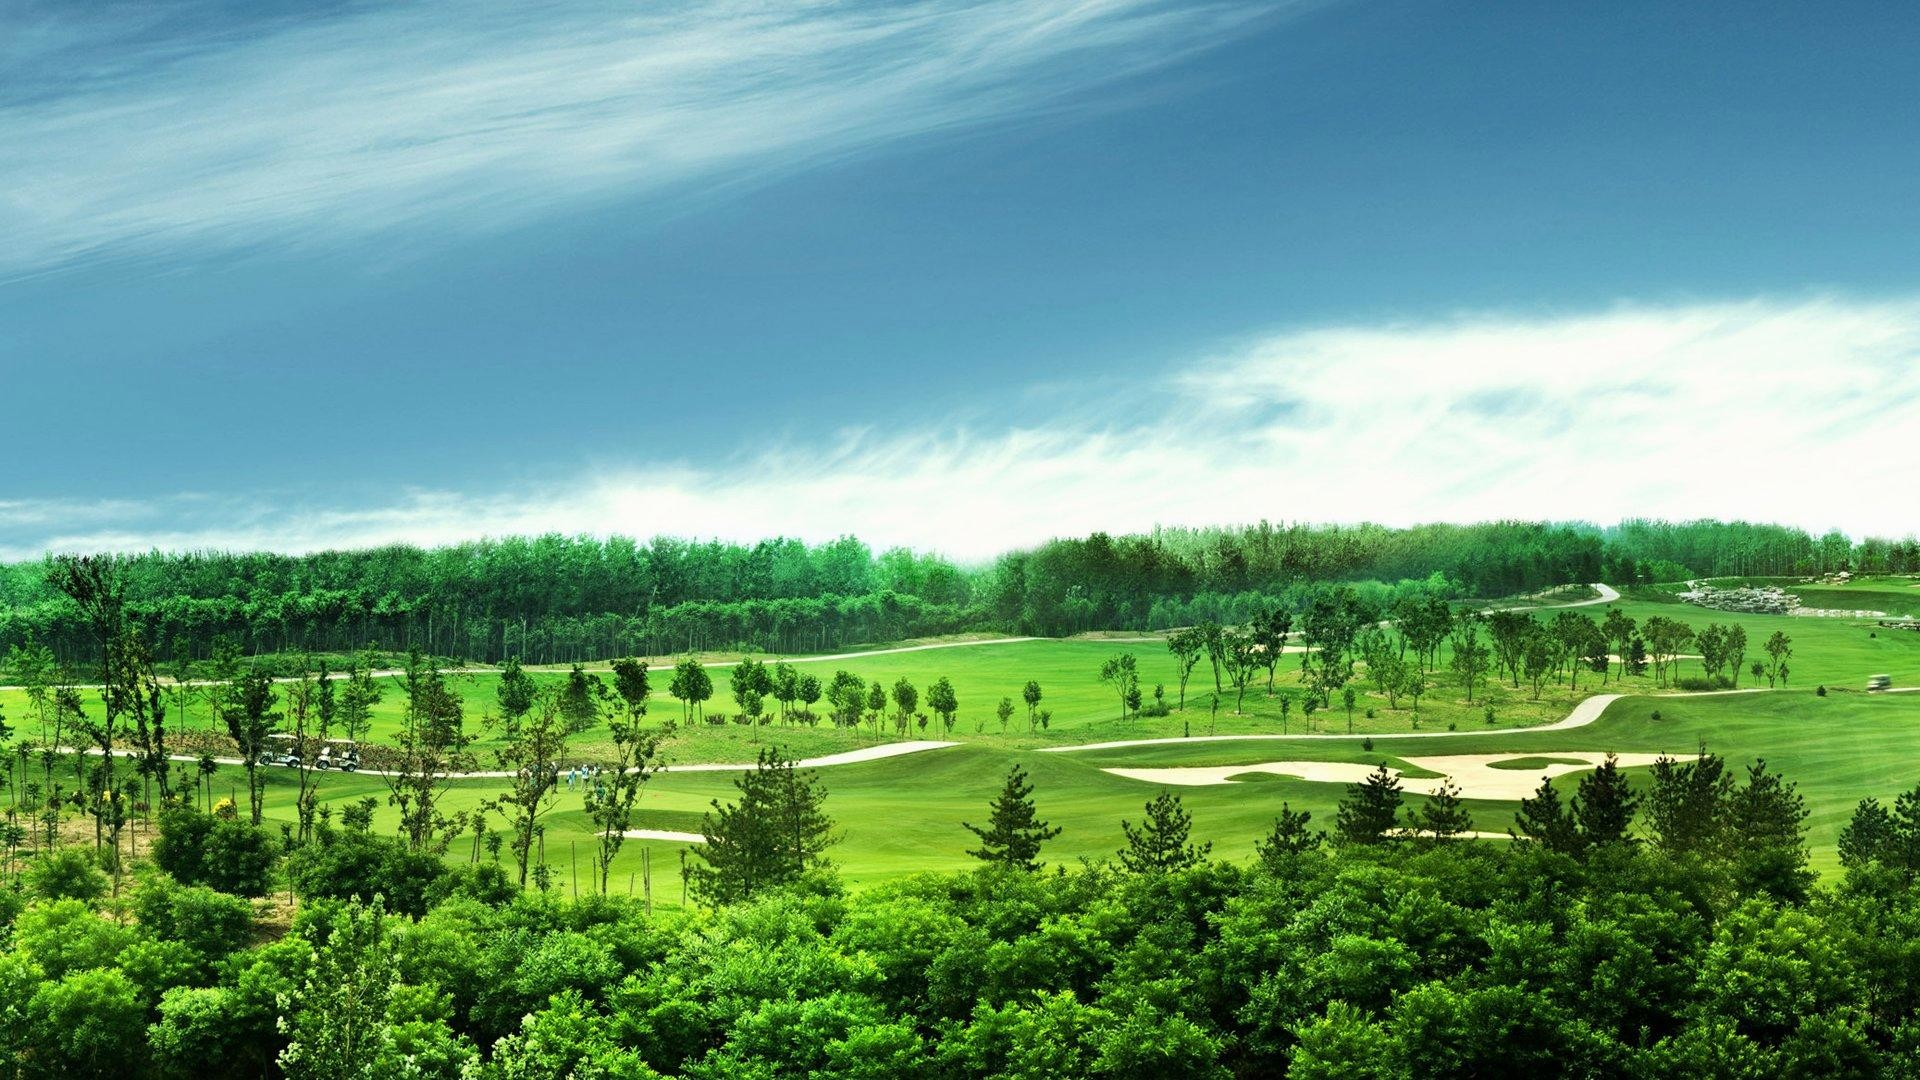 Hd golf wallpaper